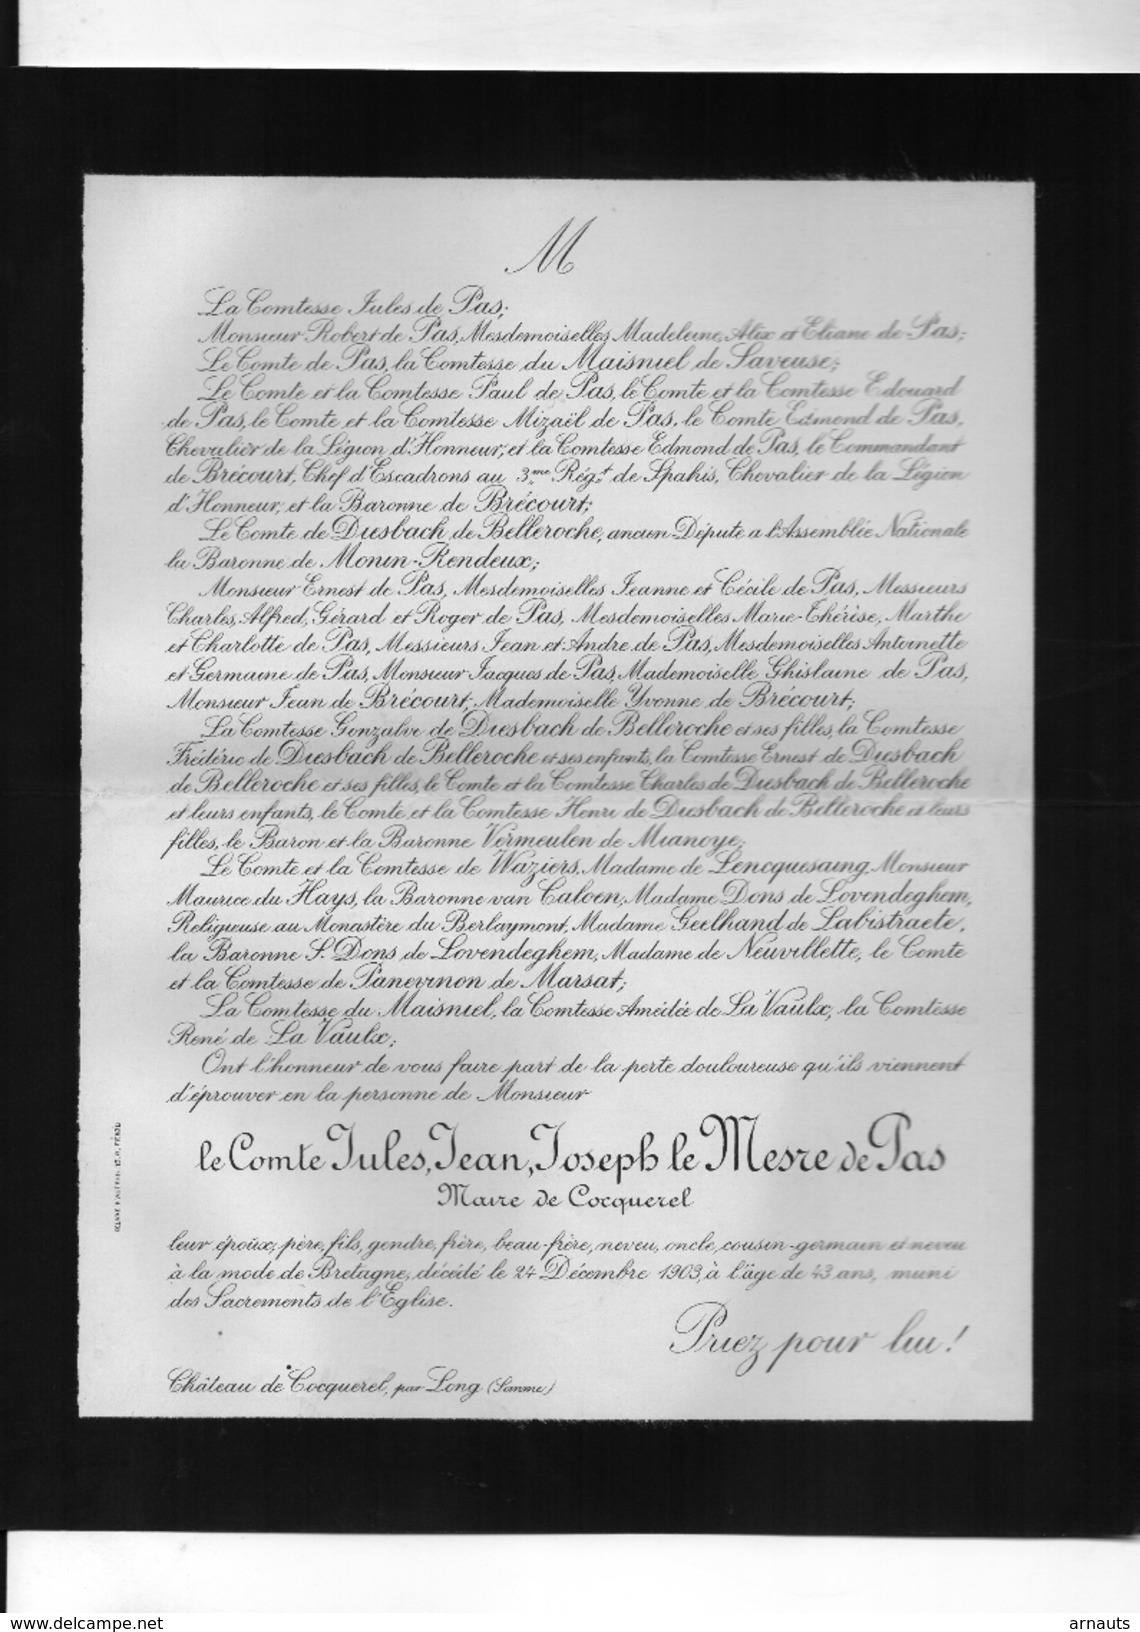 Jules Le Mesre De Pas Maire De Cocquerel +1903 Long Somme Du Maisniel De Saveuse De Diesbach De Belleroche Vermeulen - Décès